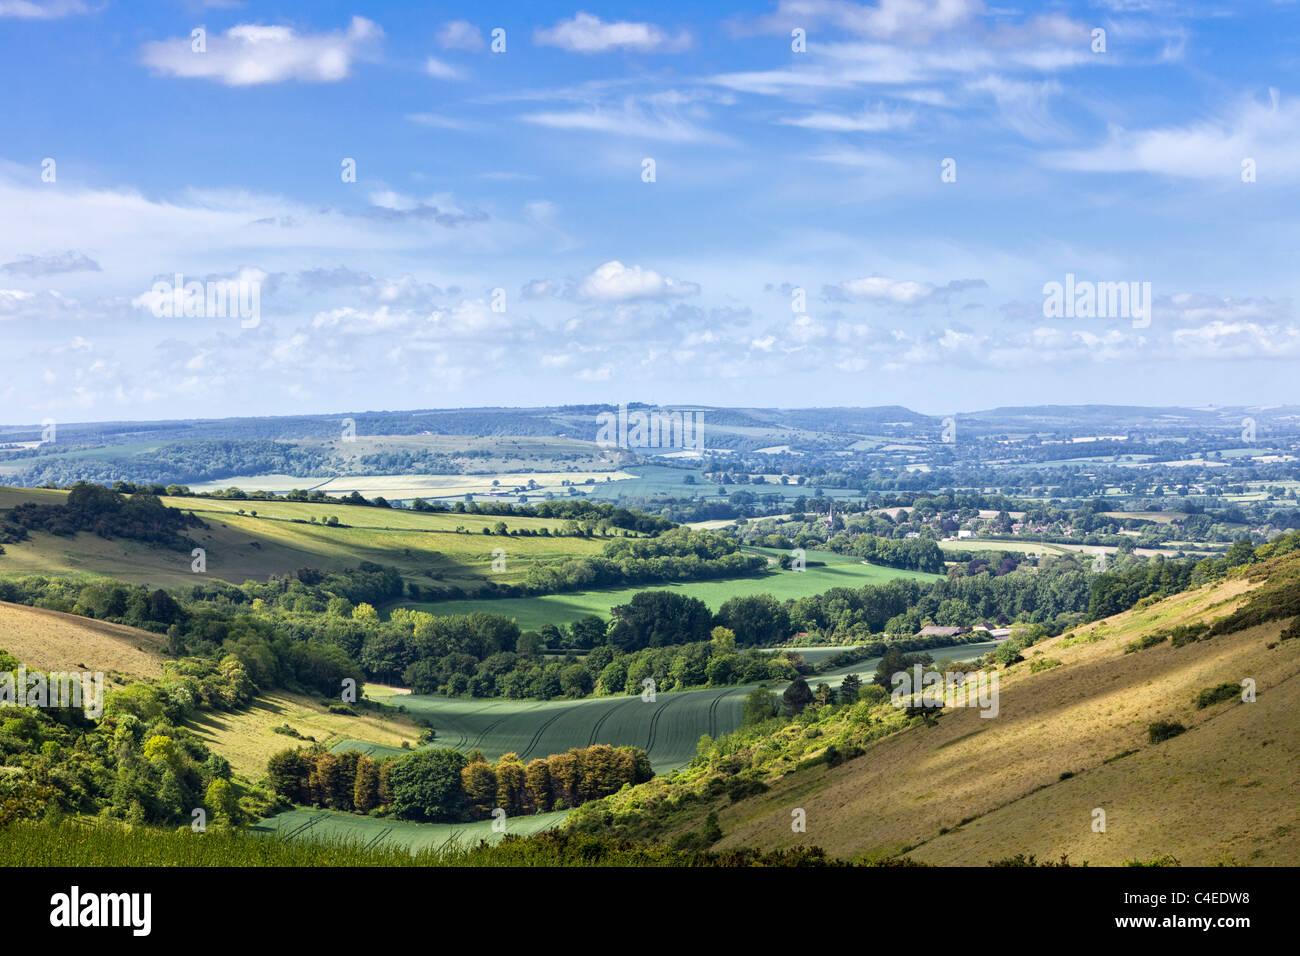 Englisch auf die Landschaft aus sanften Hügeln in der englischen Landschaft, Dorset, England, Großbritannien Stockbild